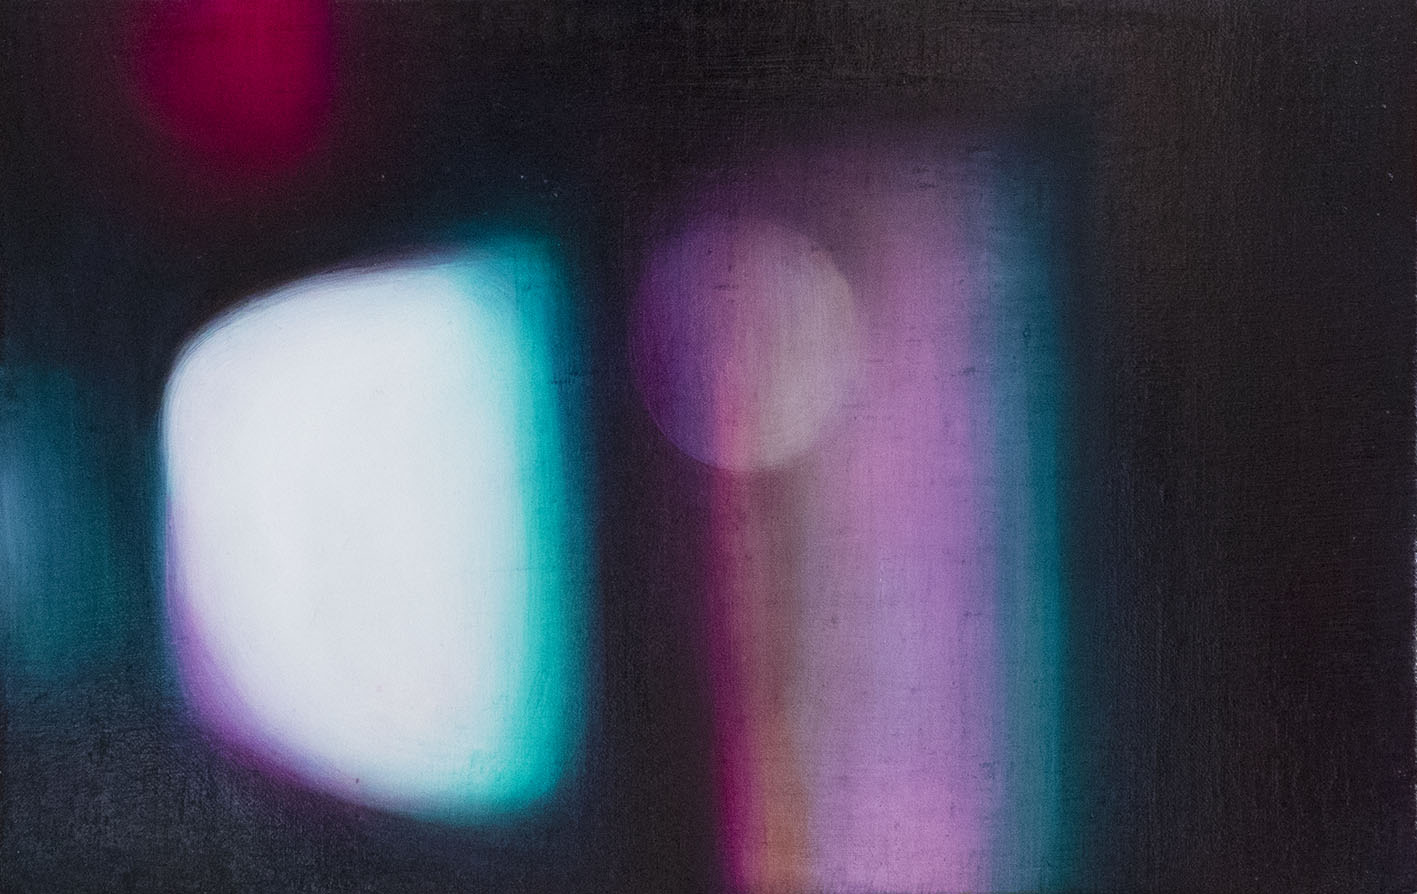 光抽象3號 Light Abstraction 3  19.5 x 41.5 cm 油彩畫布 Oil on Canvas 2017